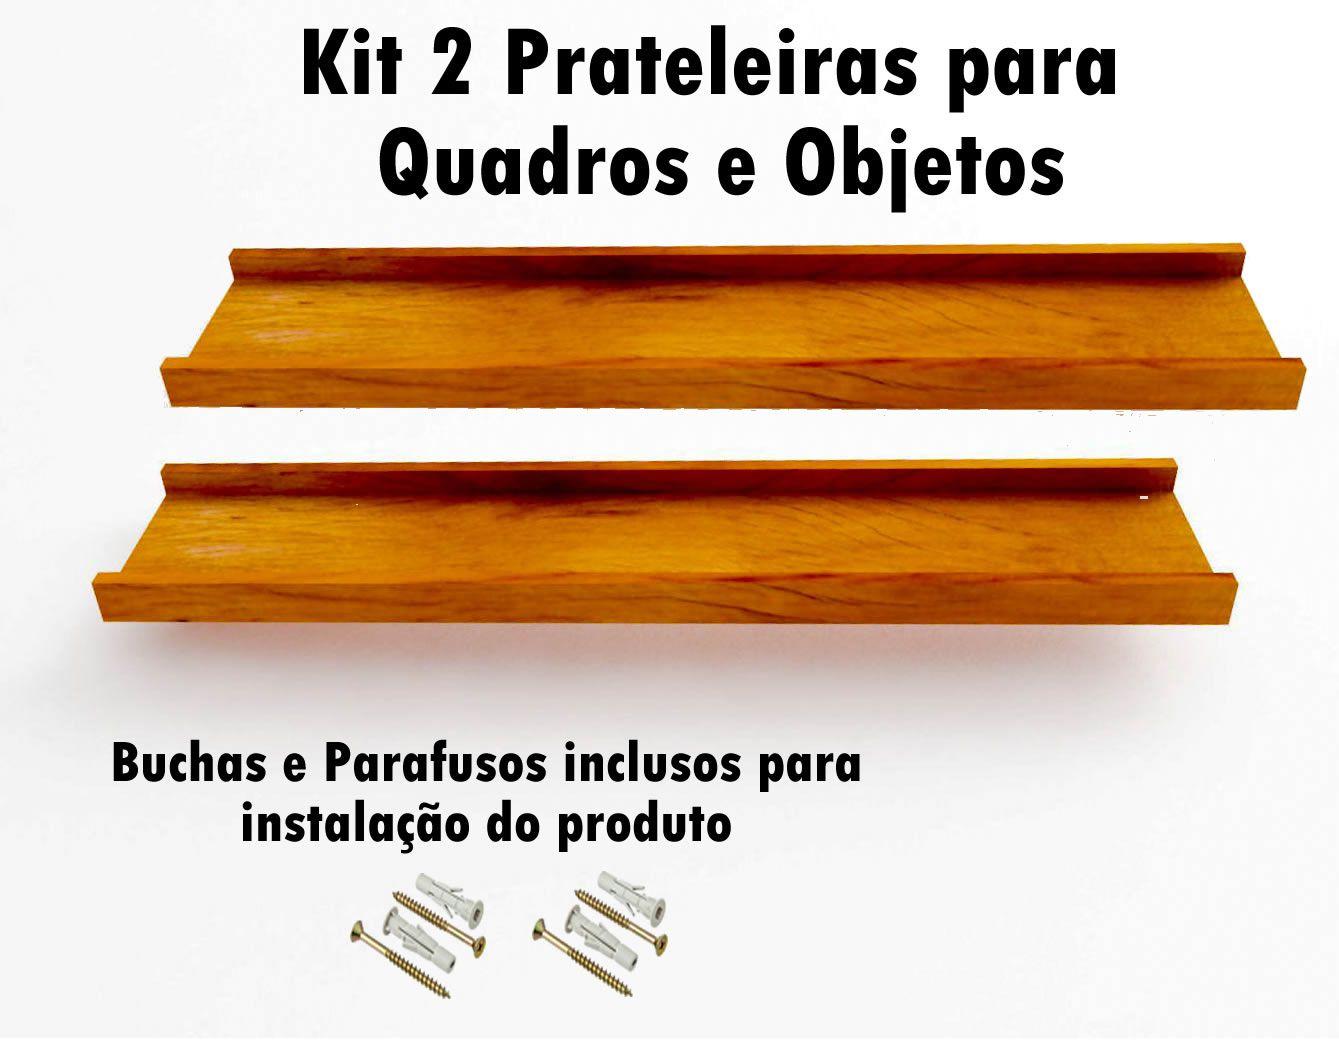 Kit 2 Prateleira em Madeira De Demolição para Quadros medindo 60x15x4